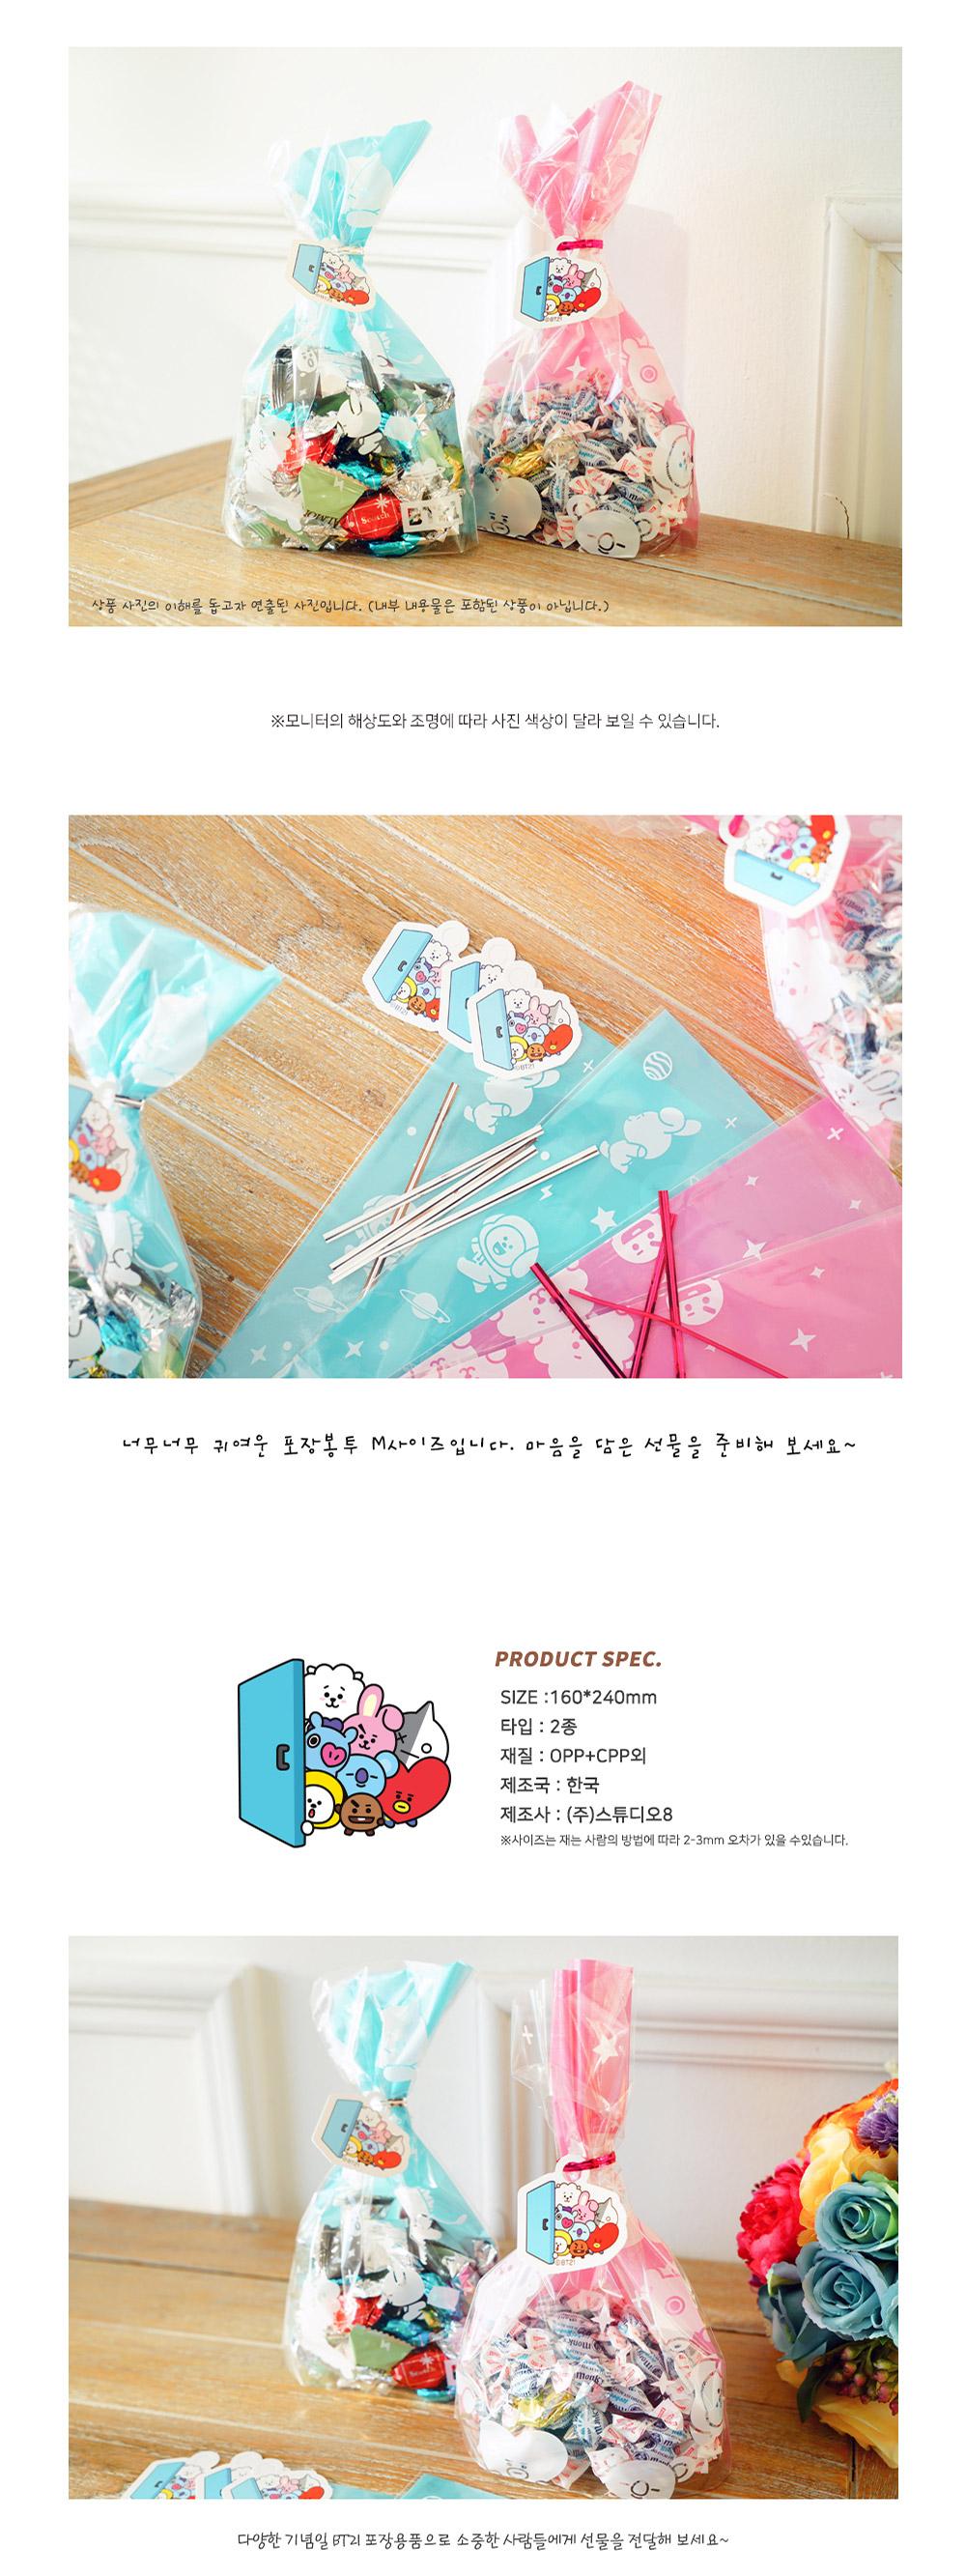 bt21_kf_packaging_M_02.jpg